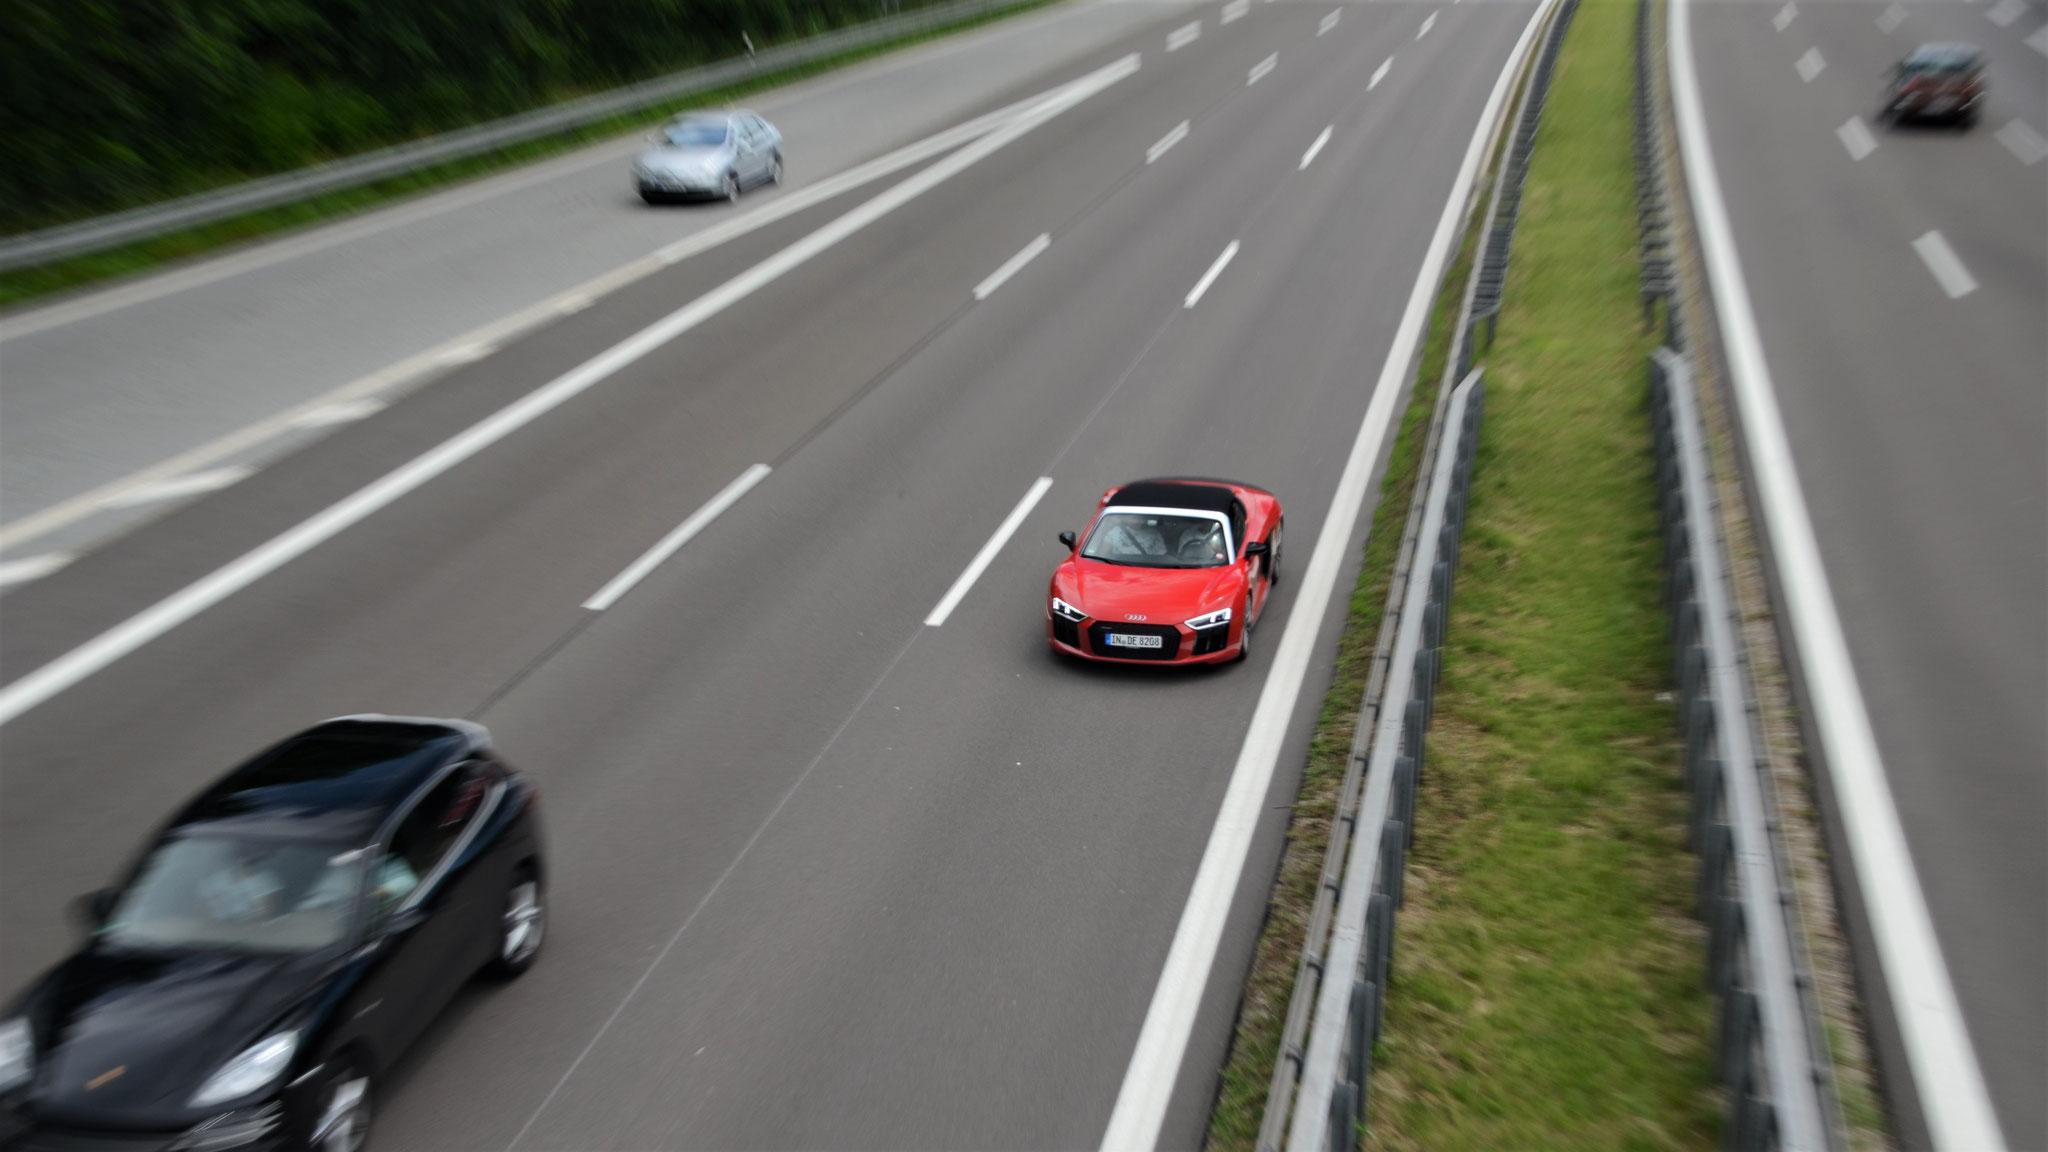 Audi R8 V10 Spyder - IN-DE-8208